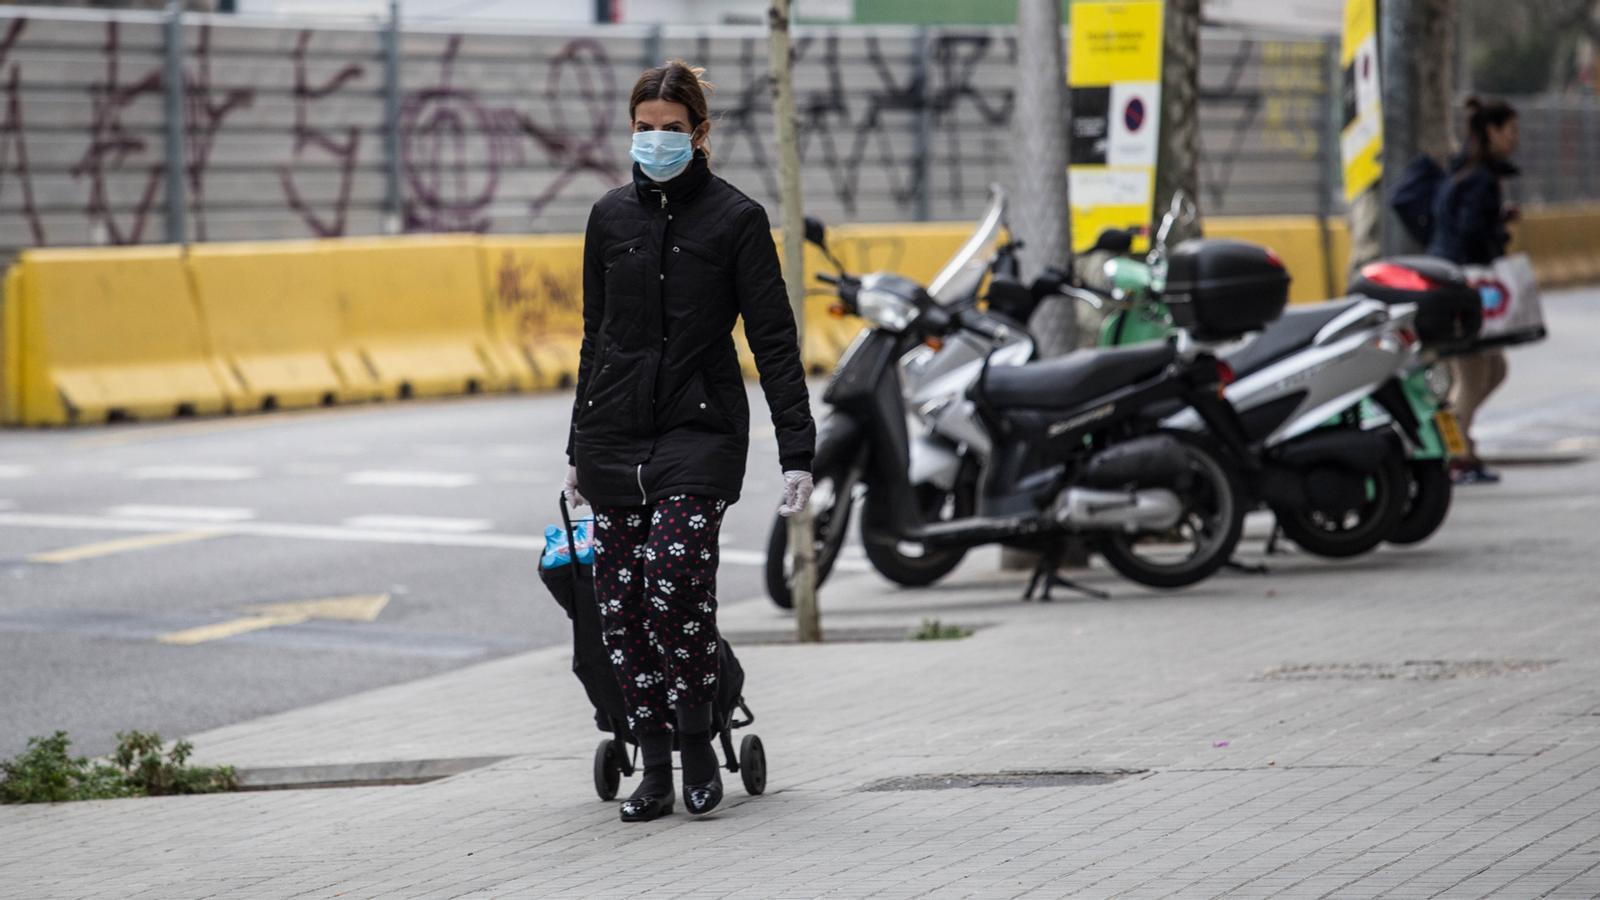 Protecció Civil recomana tapar-se el nas i la boca per anar a comprar i 2.335 morts a Catalunya: les claus del dia, amb Antoni Bassas (03/04/2020)